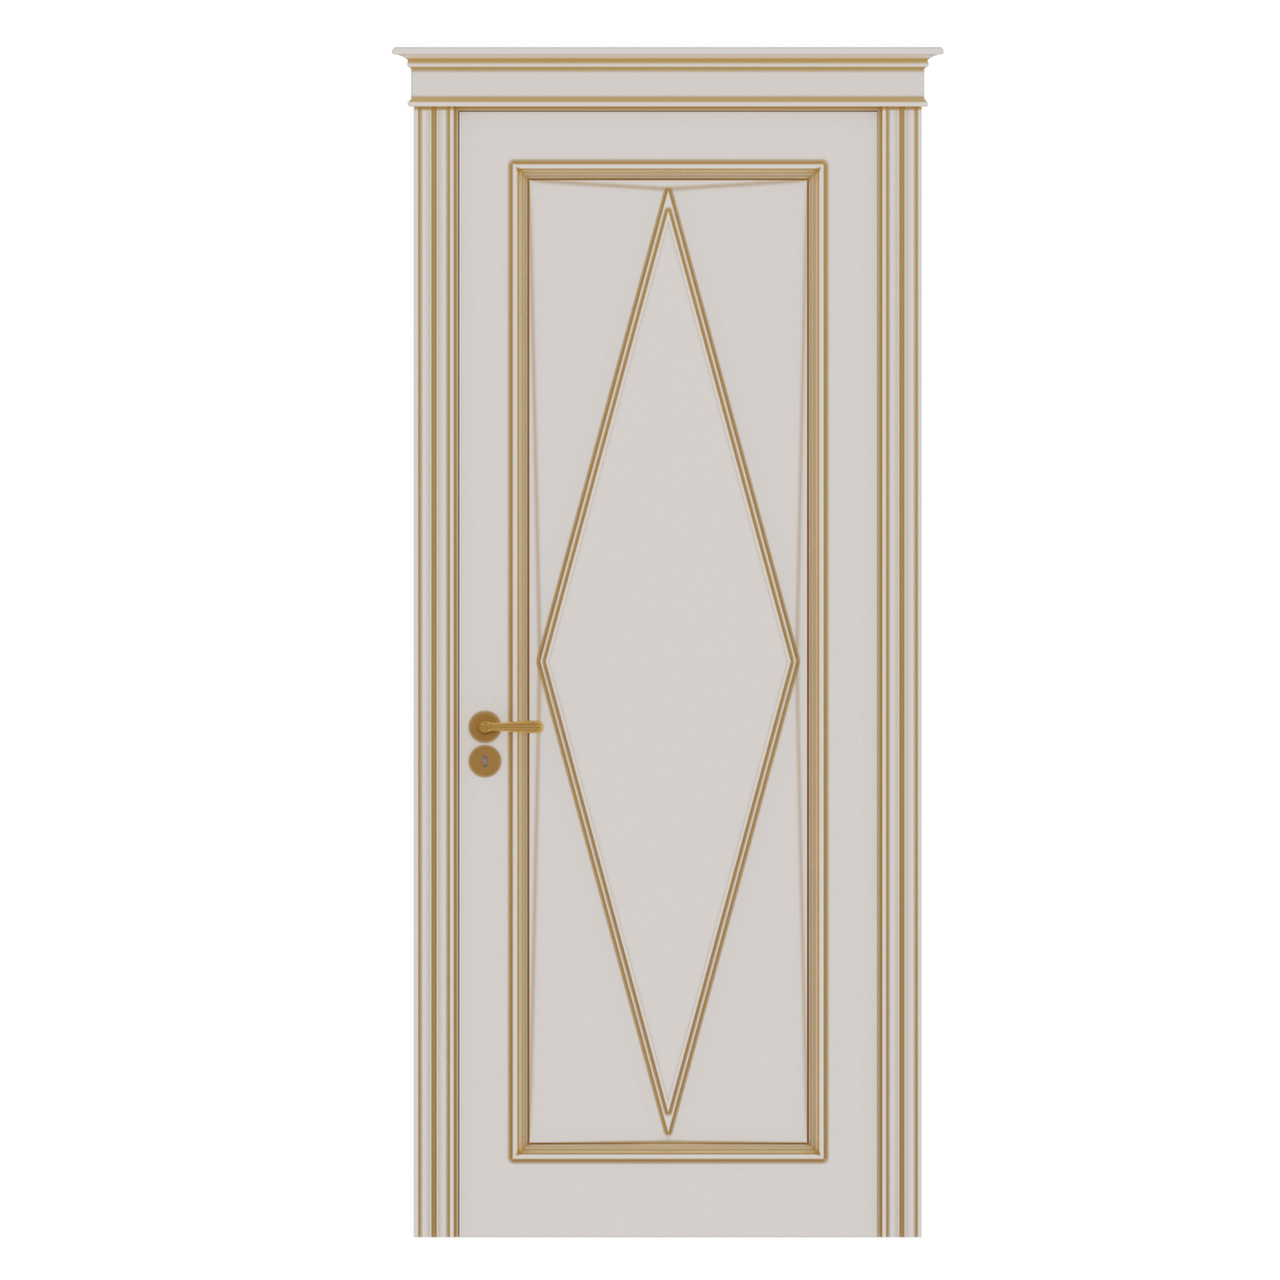 Межкомнатная дверь Casa Verdi Rombo 3 из массива ясеня